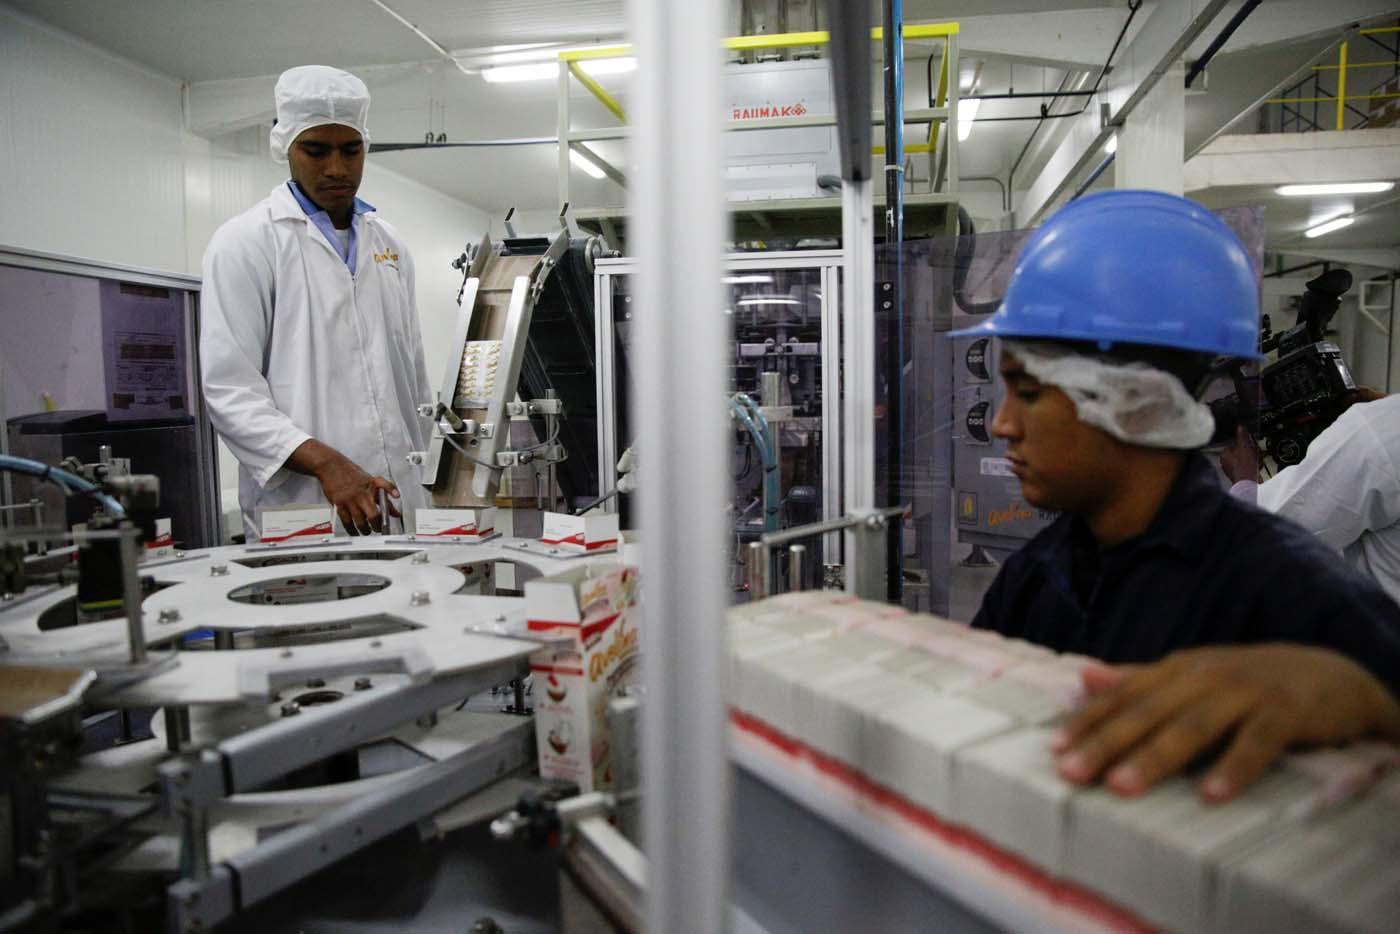 fabrica trabajador